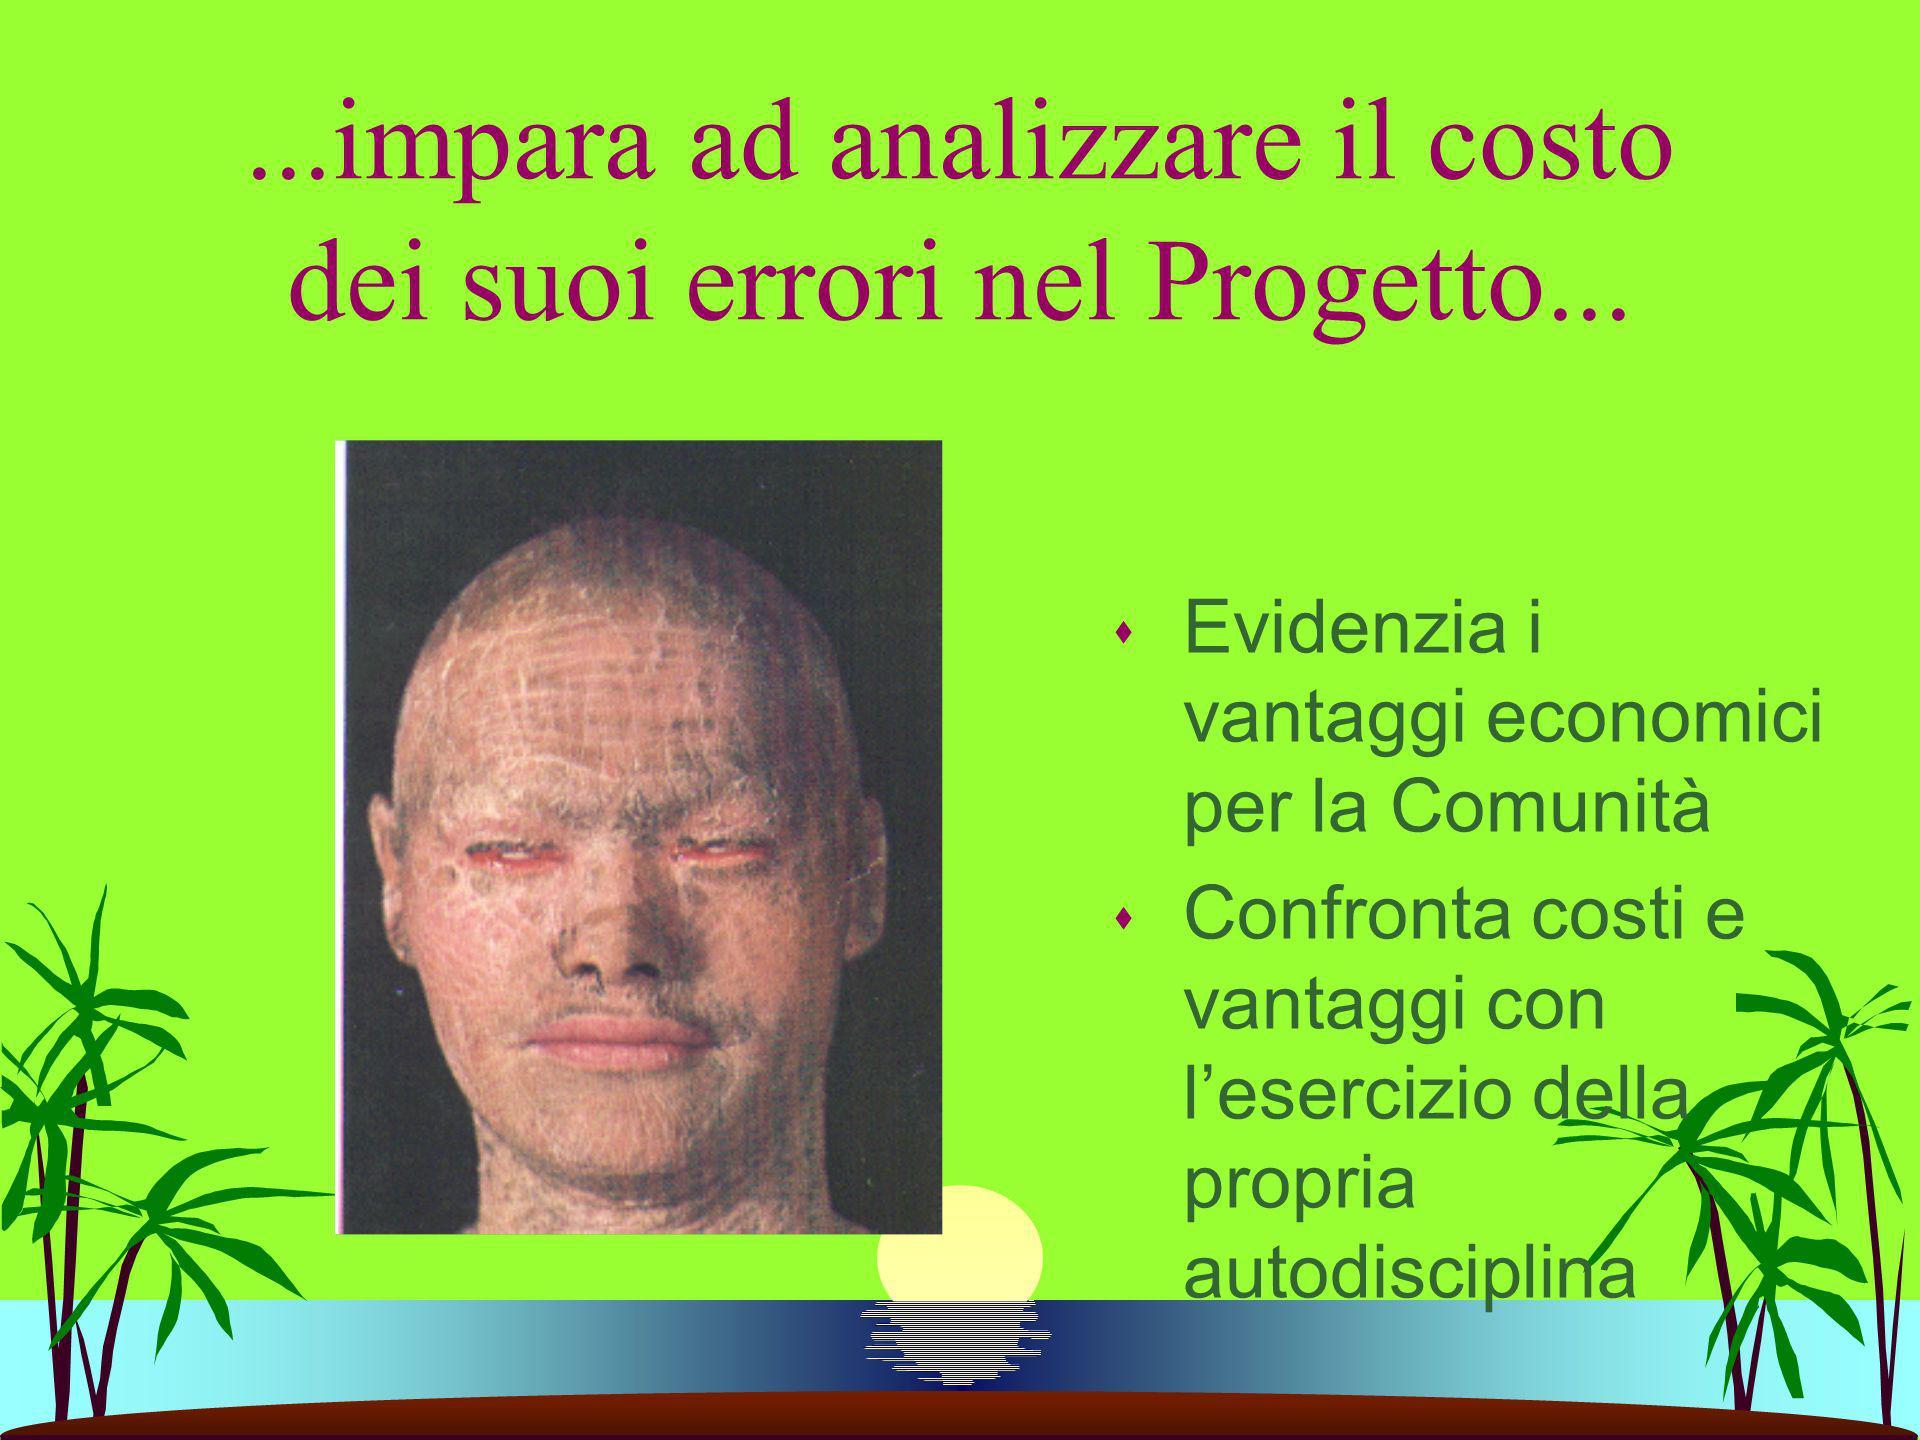 ...impara ad analizzare il costo dei suoi errori nel Progetto... s Evidenzia i vantaggi economici per la Comunità s Confronta costi e vantaggi con les